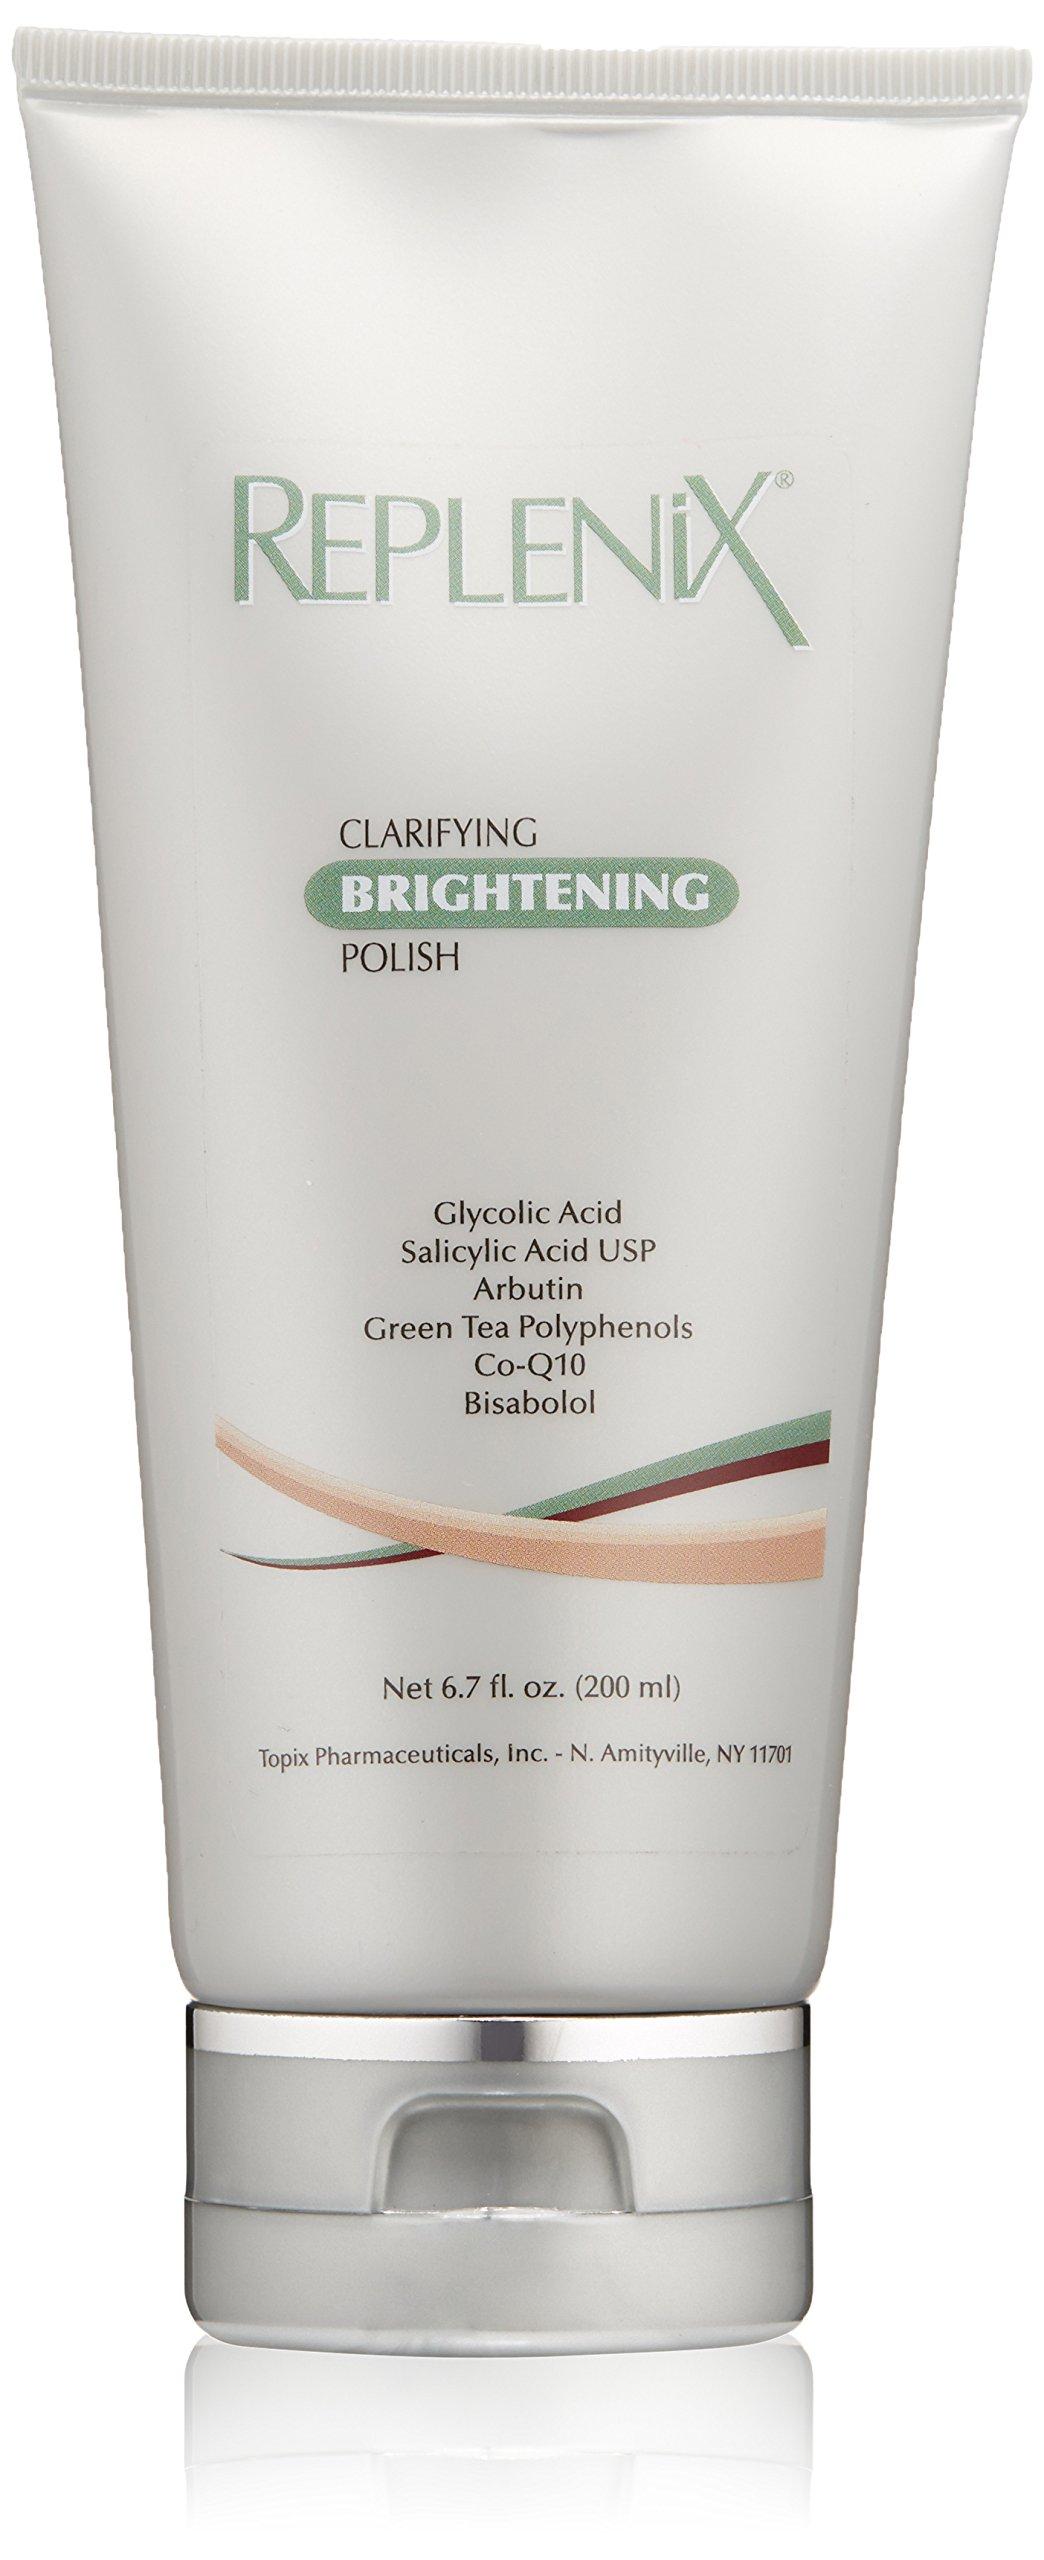 Replenix Clarifying Brightening Polish, 6.7 Fl Oz by Replenix